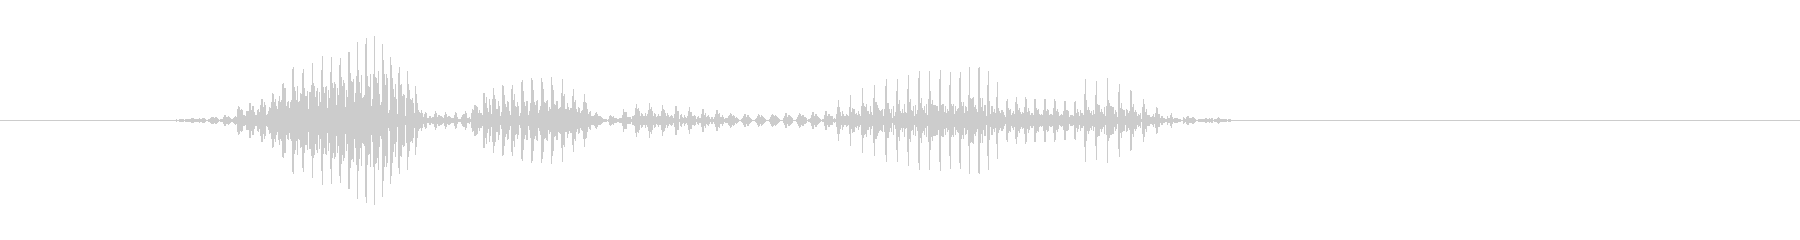 レベル7(なな)の未再生の波形